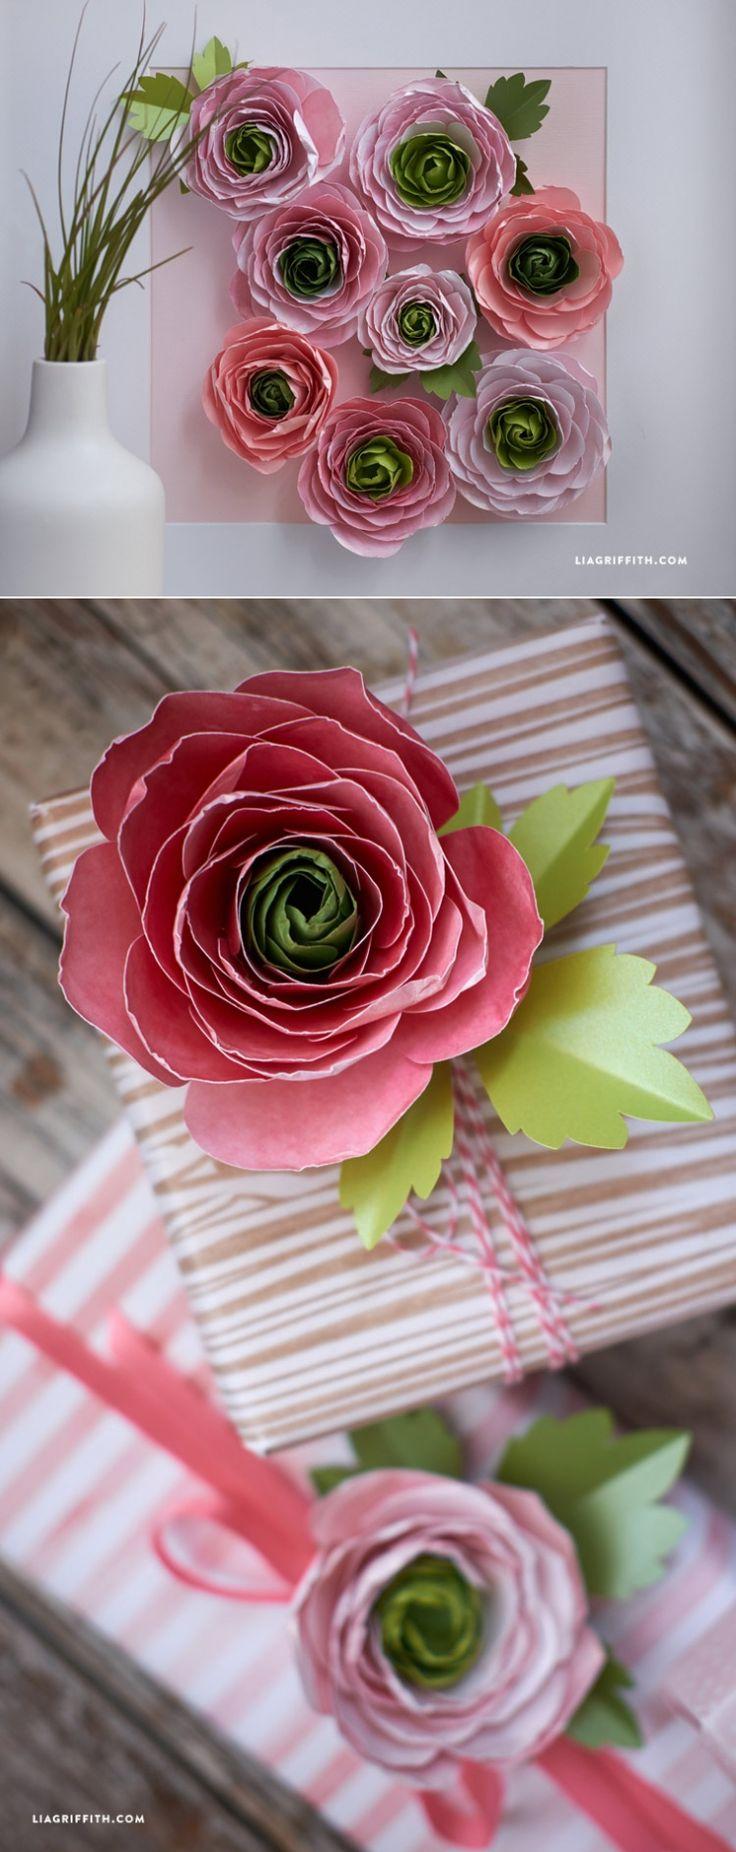 Как сделать из гофрированной бумаги обёртку для цветов